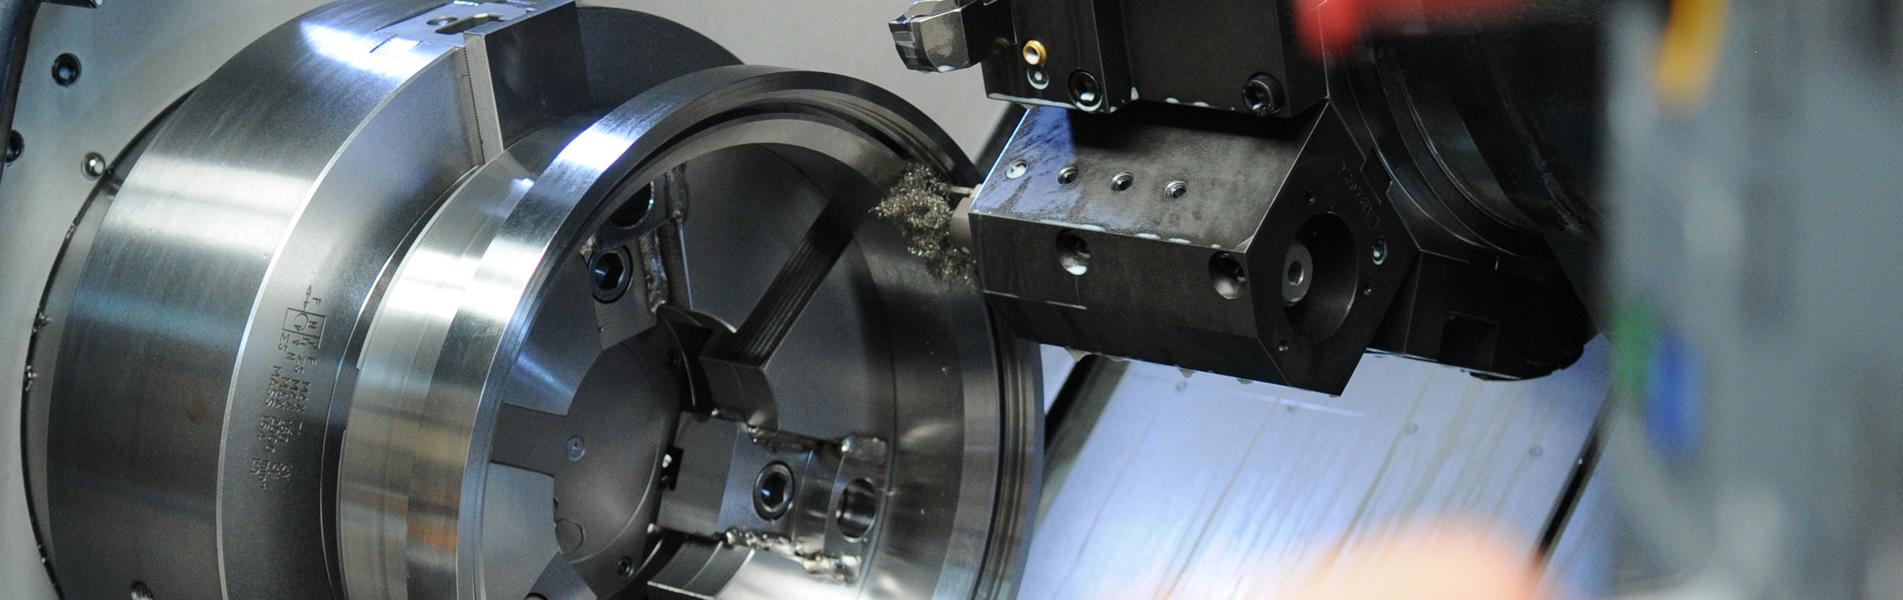 Mecanizados Aiki - Mecanización de piezas bajo plano o muestra